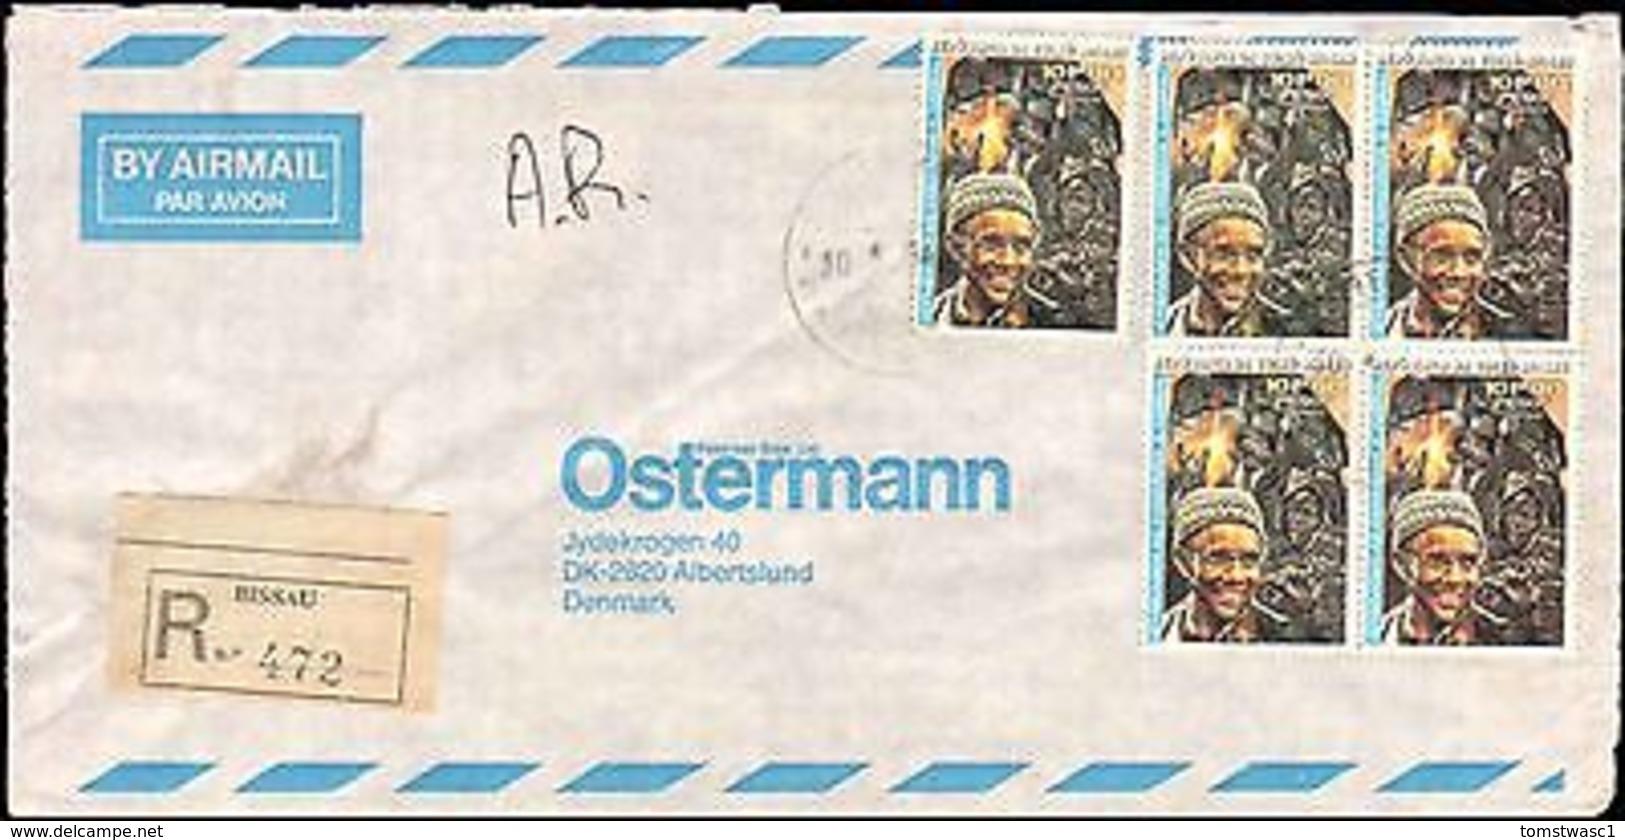 1984 GUINE-BISSAU REGISTERED AR MULTI STAMP TO DENMARK - Stamps